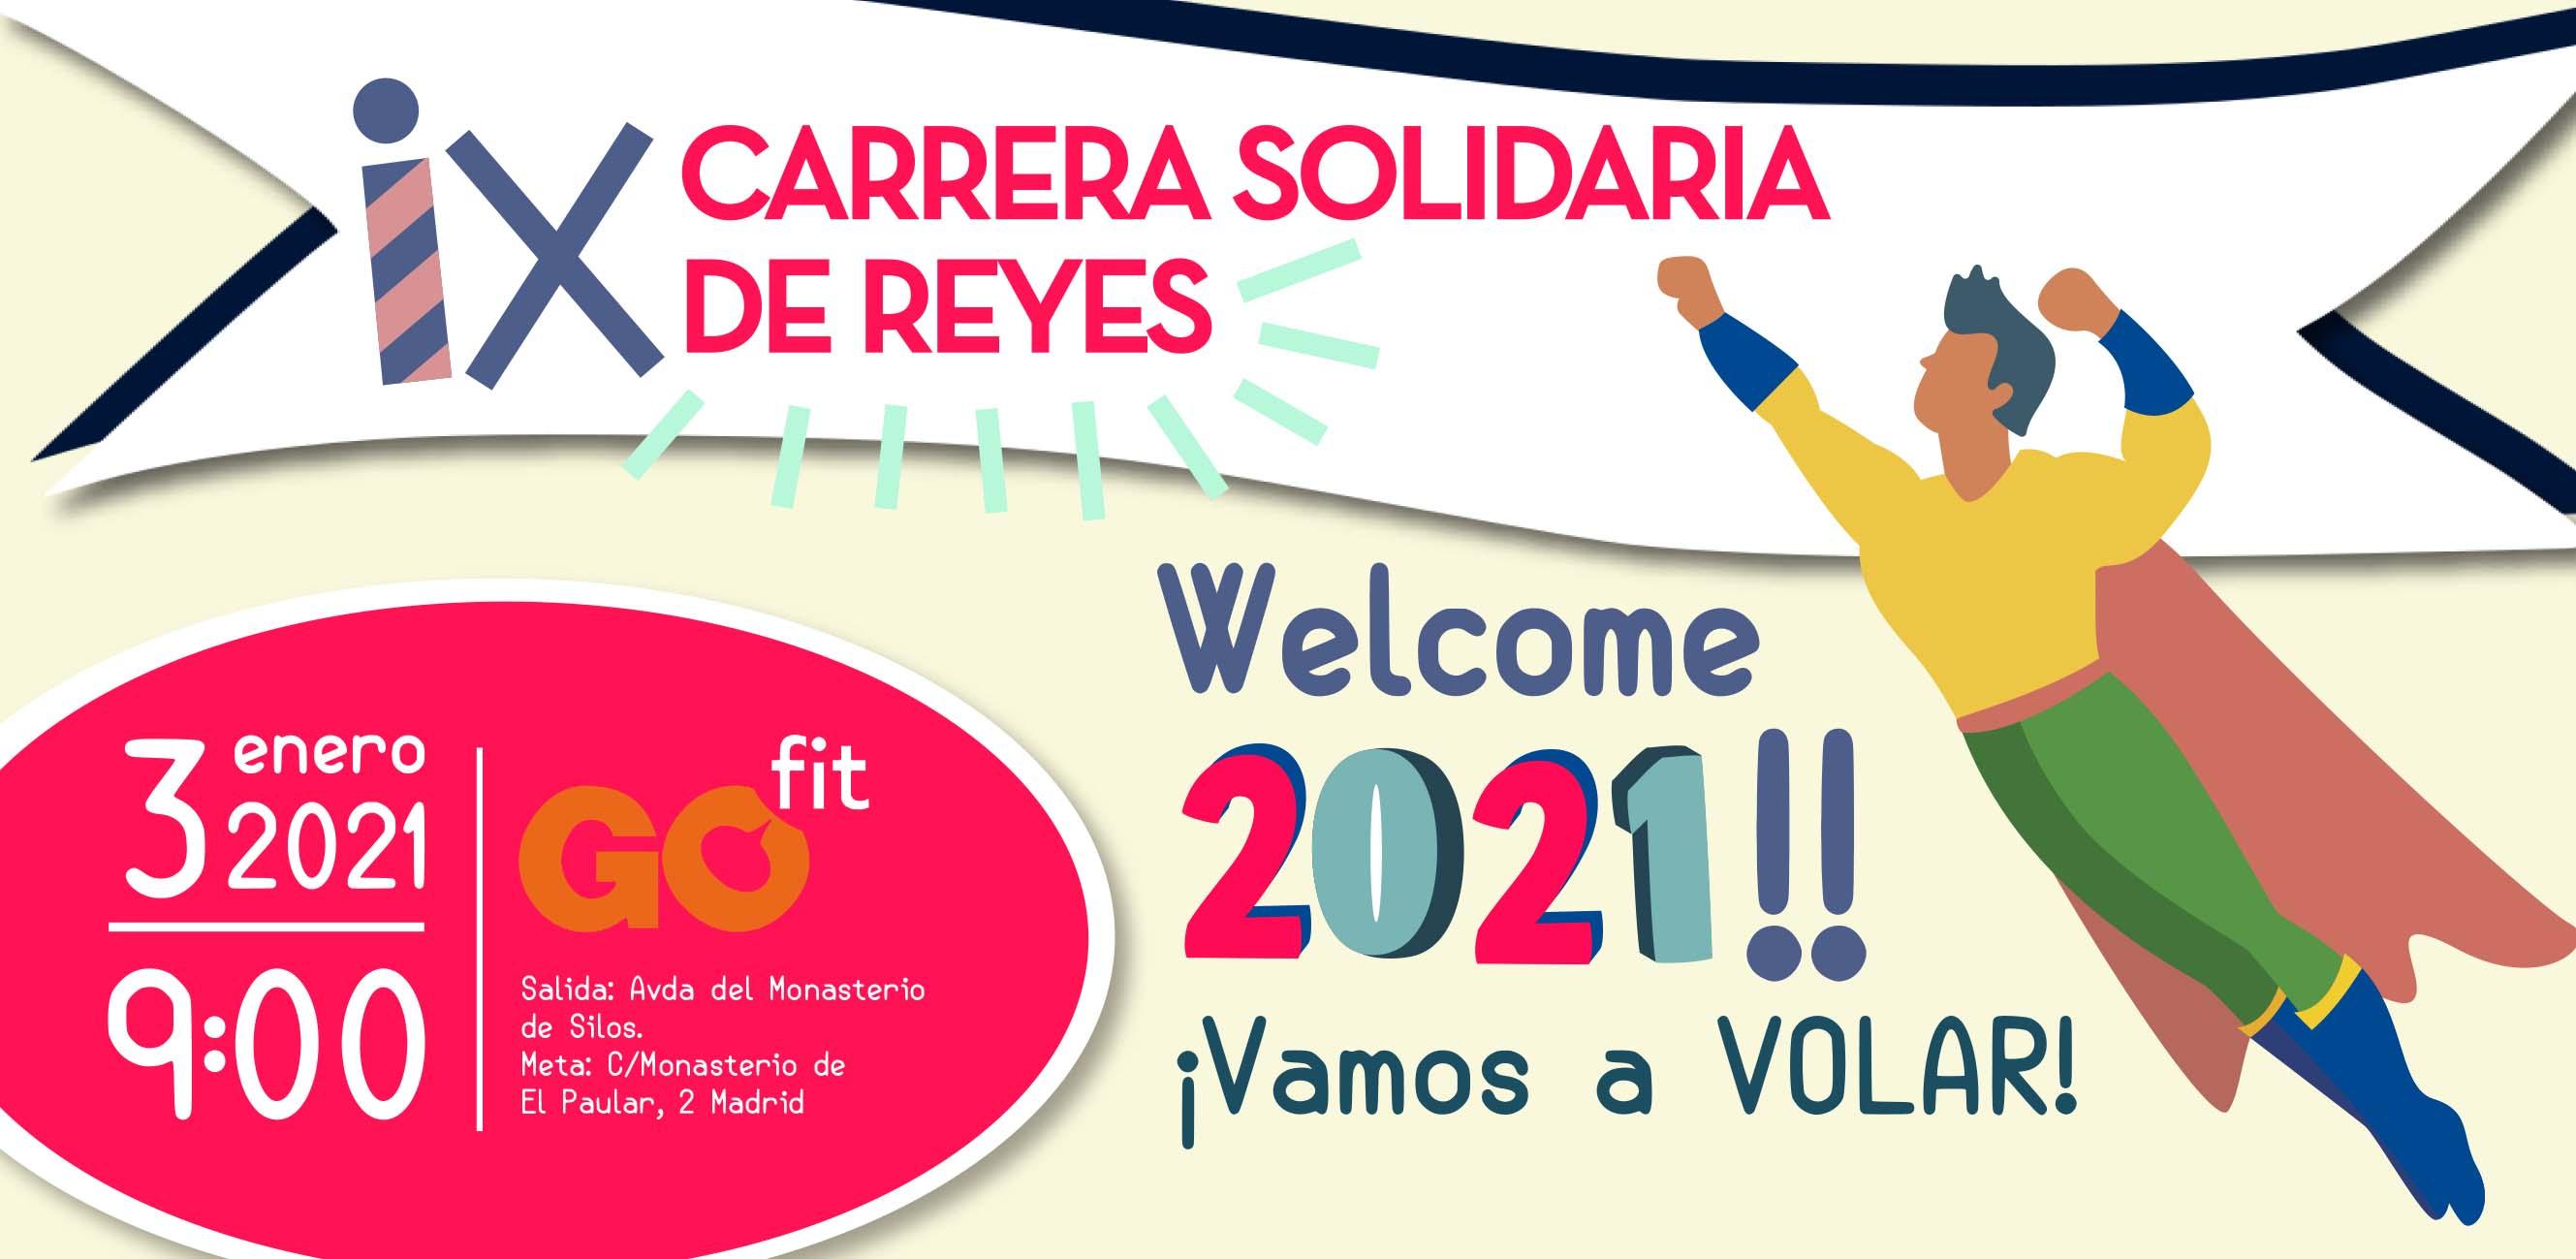 VIII Carrera Solidaria de Reyes – KMSDEFELICIDAD By EUROMASTER